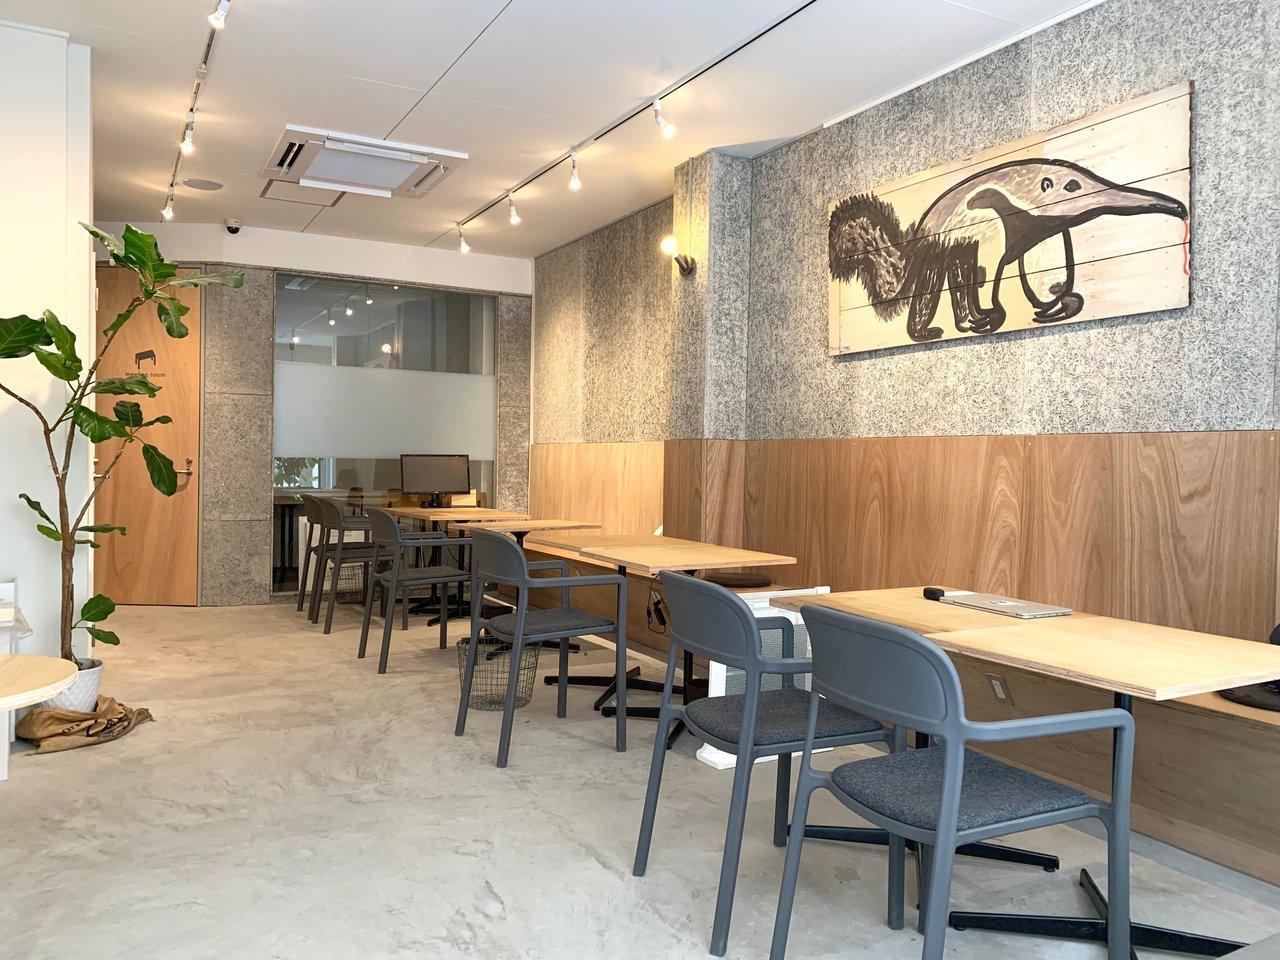 大阪のオフィス街に位置するオフィス。1階はコワーキングラウンジになっているので、大阪への出張時などにも利用できて便利です。周辺はワンコインランチや立ち飲み屋さんが多く連なり、アフターワークも充実しそうです。